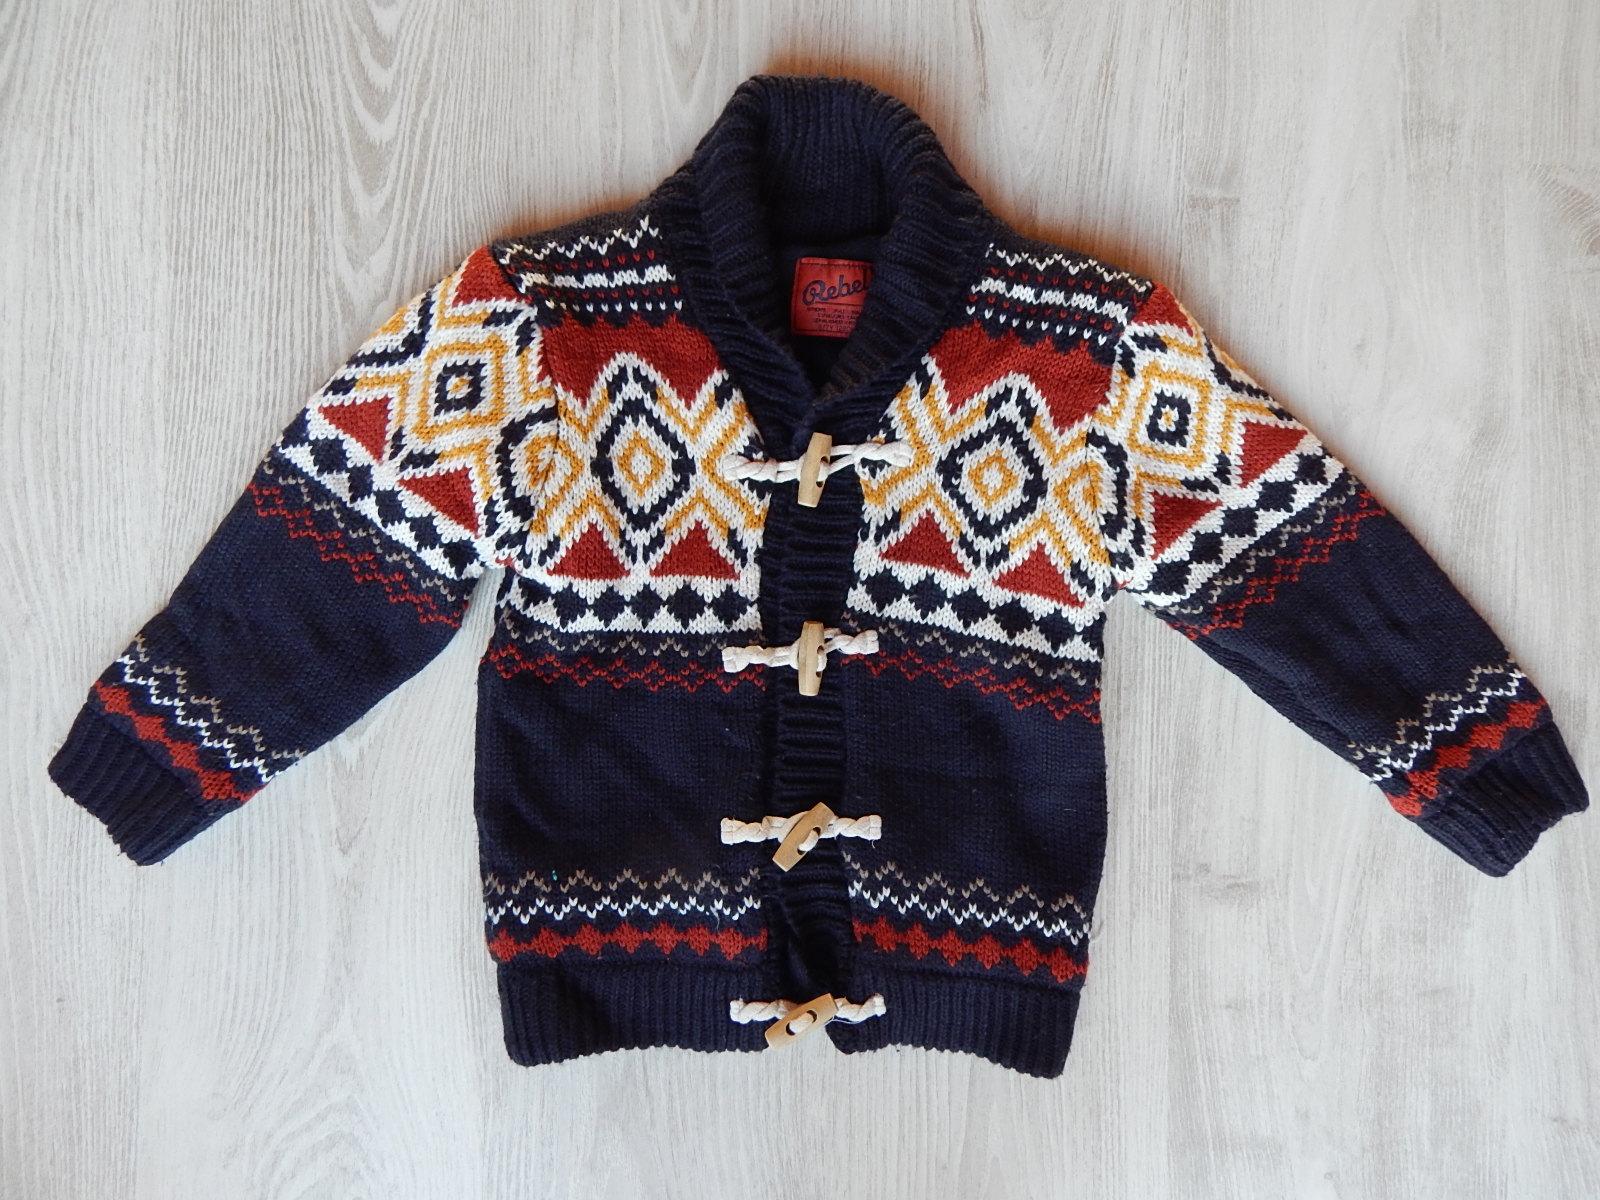 9b2349d940 Mintás vastag kötött kardigán-kabát [122 (7 év) / Fiú ruhák ...